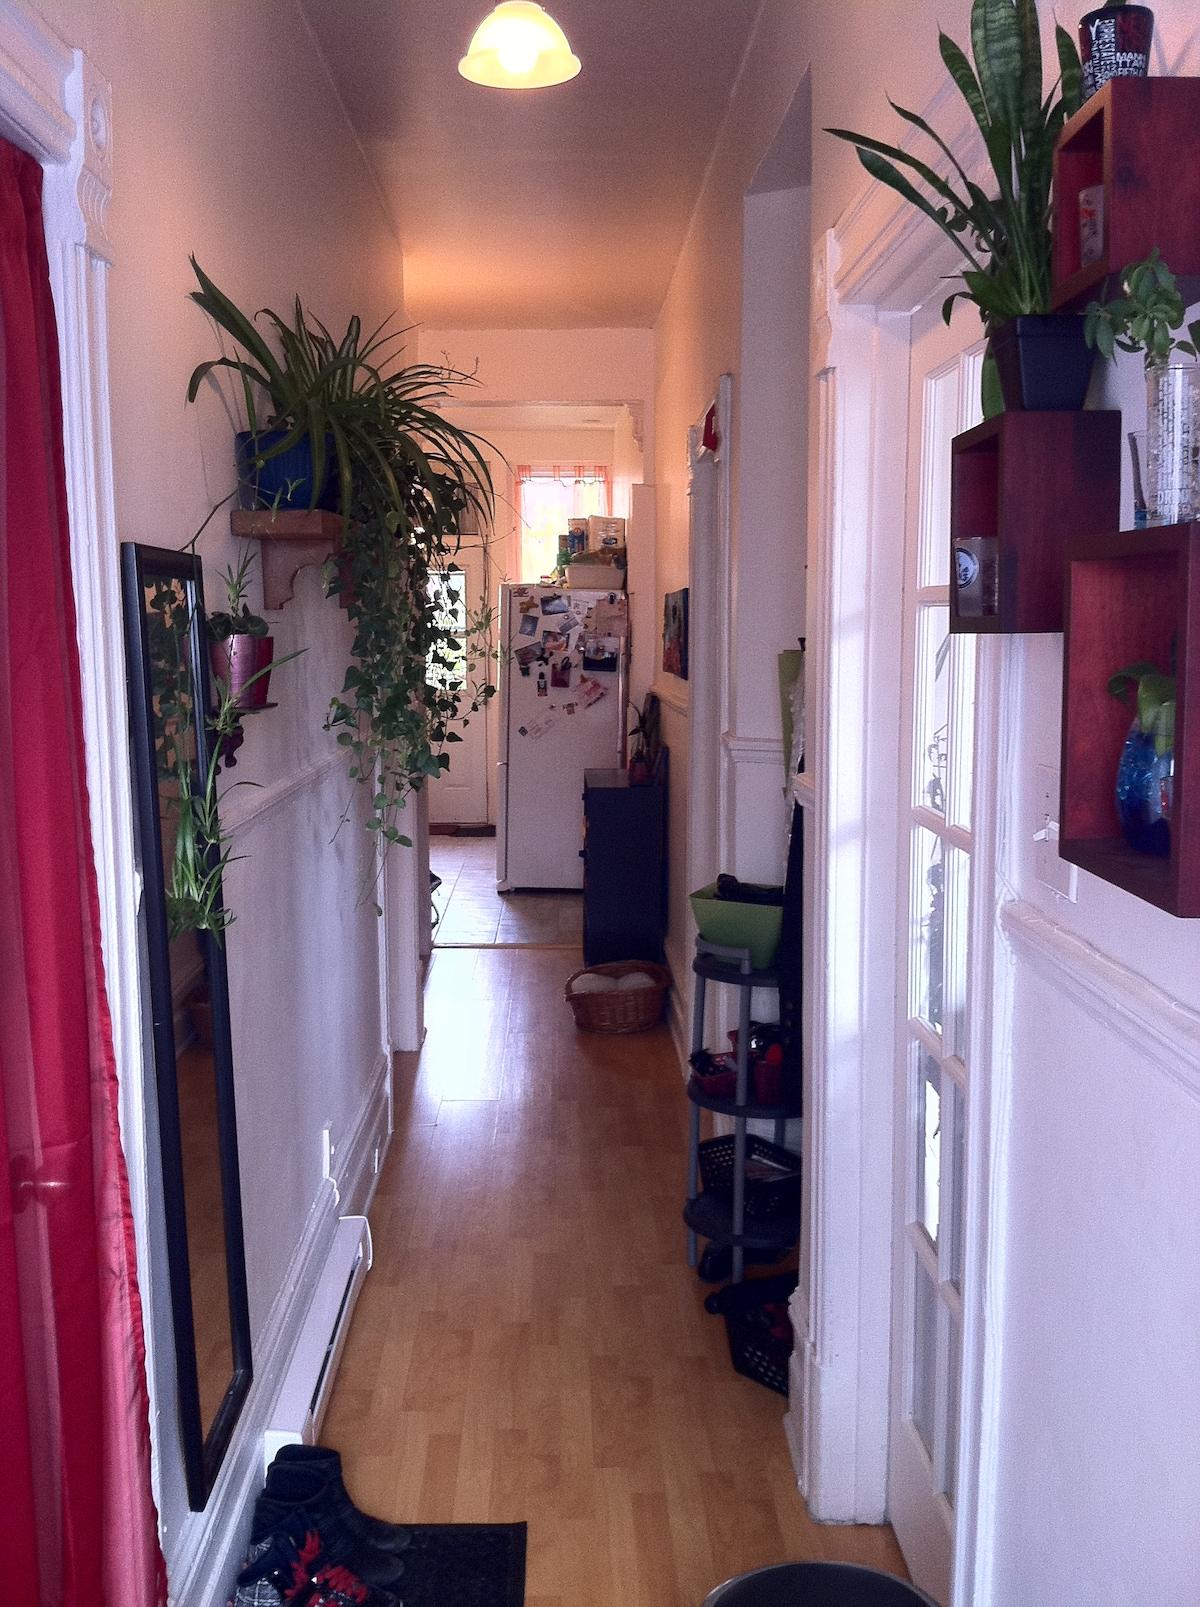 Here is the entry: Welcome home! - Voici l'entrée: Bienvenue chez moi!